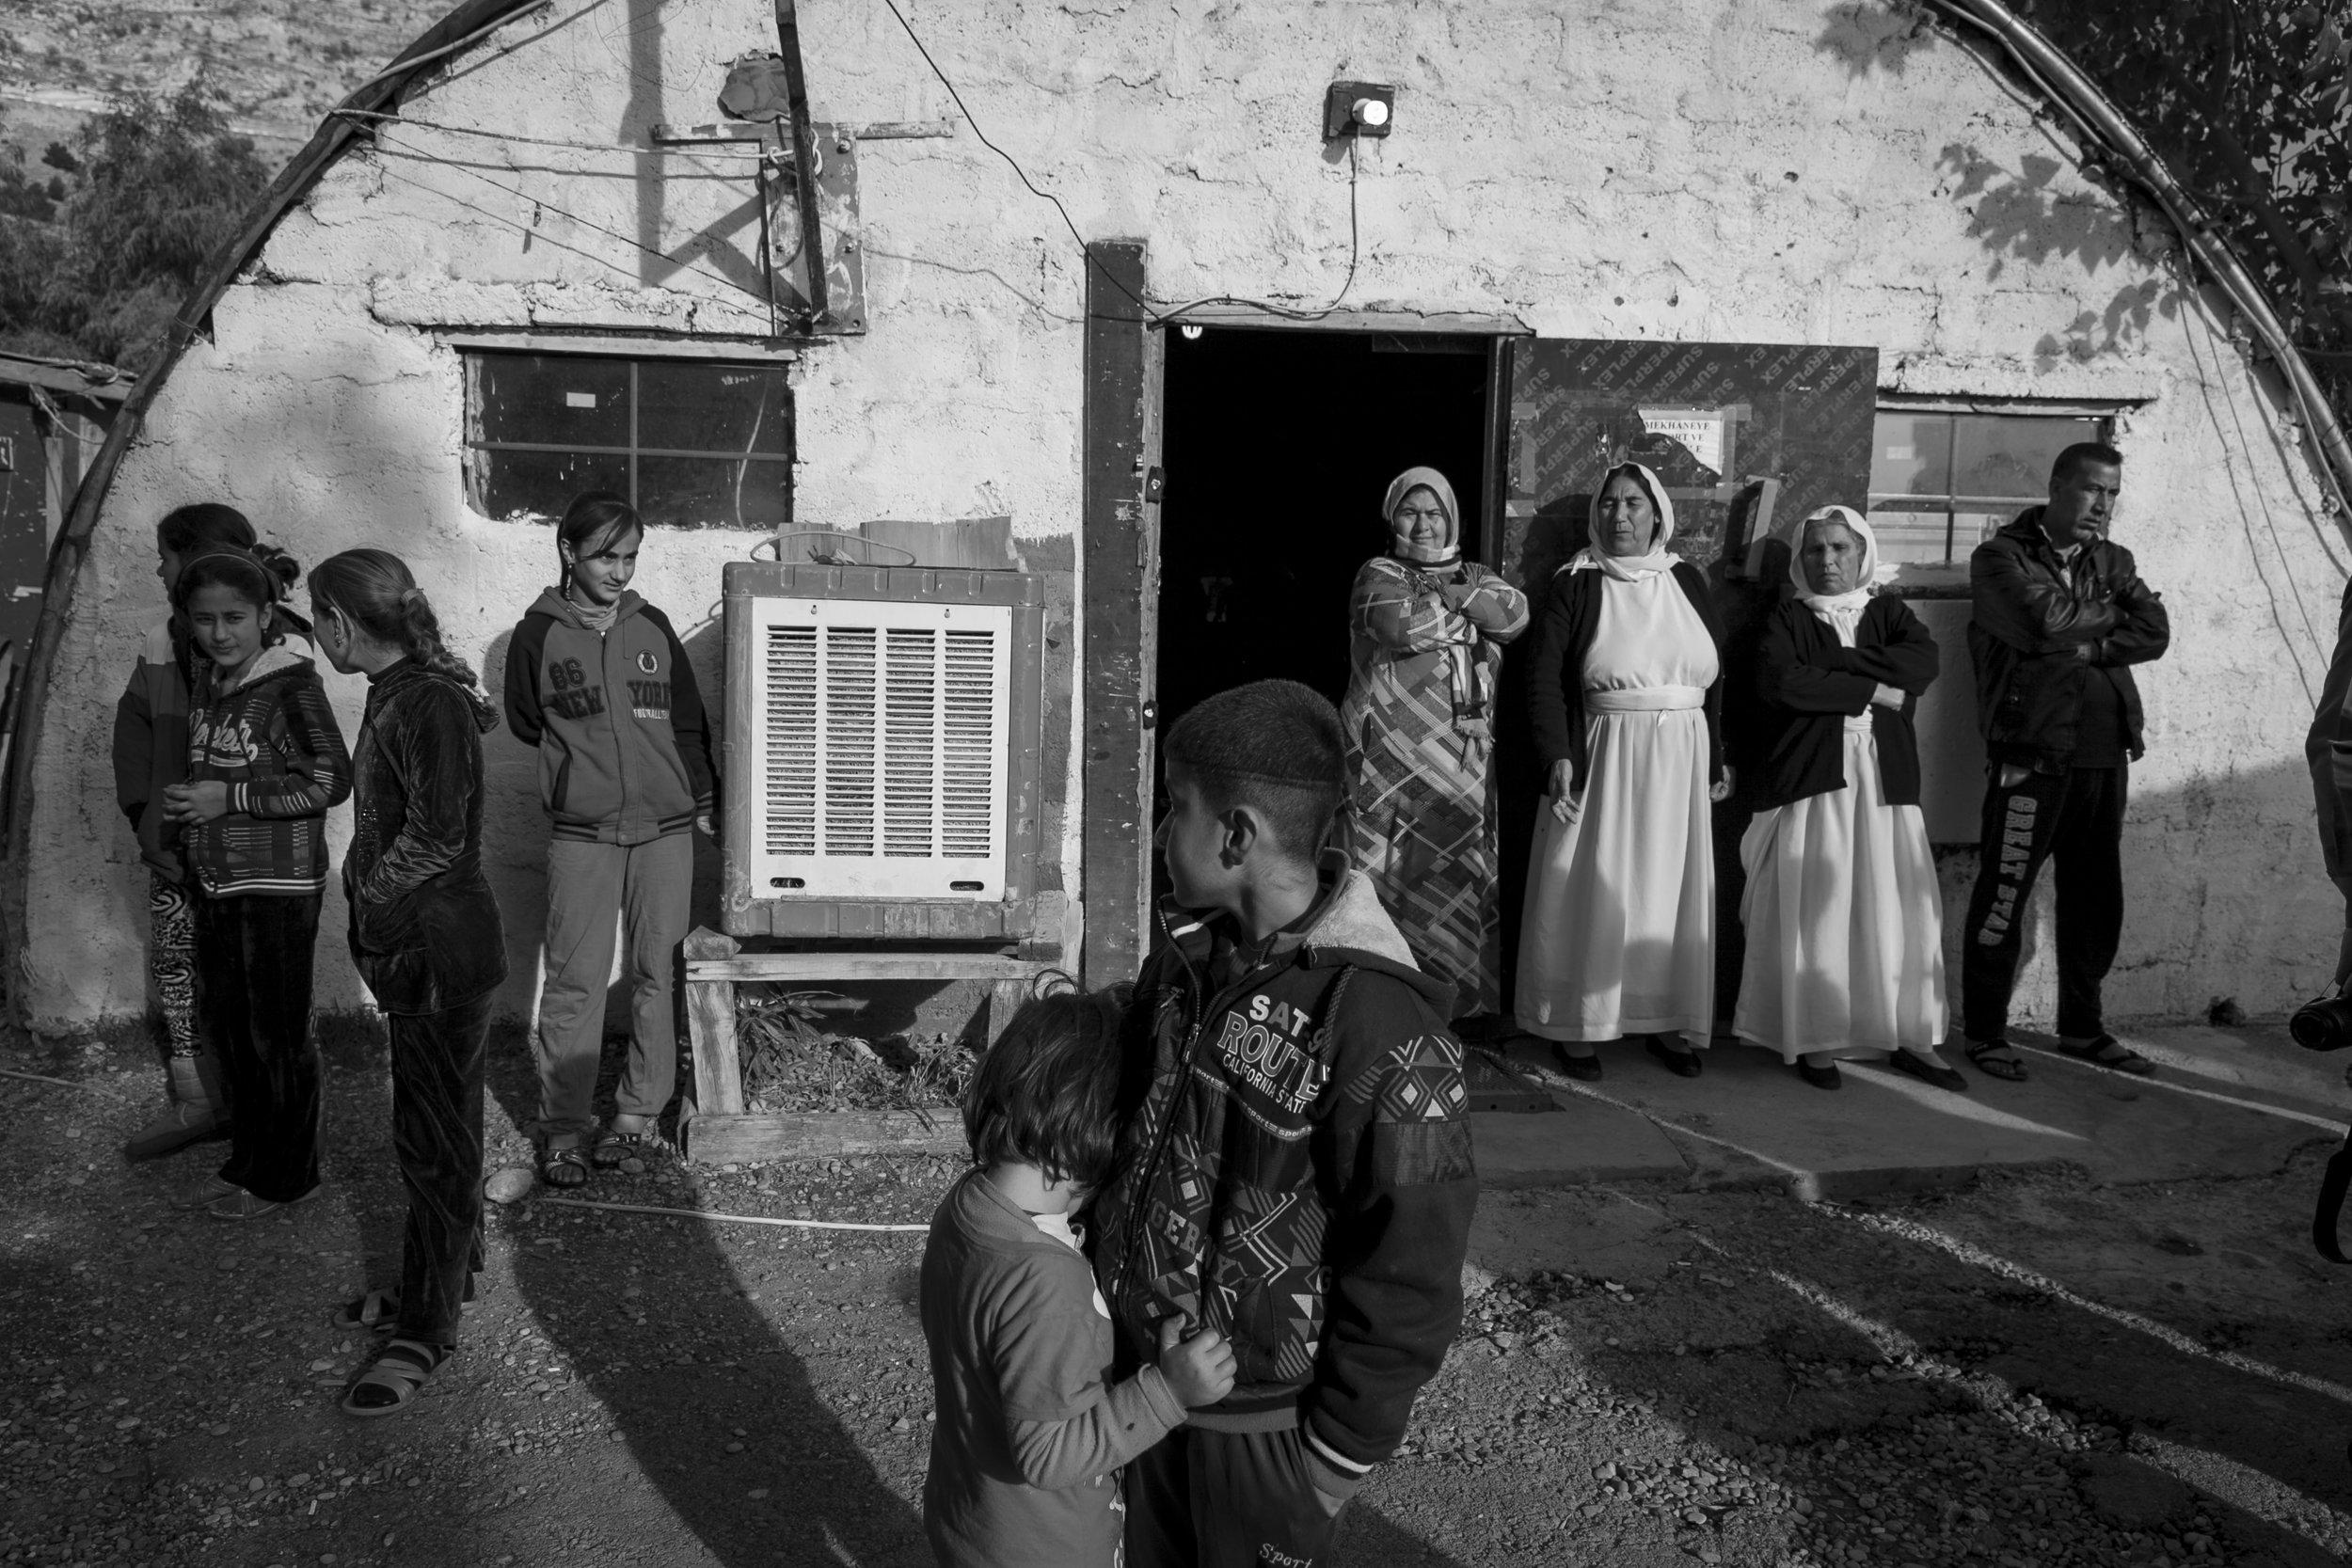 20141205_Refugee_GH_0523.jpg